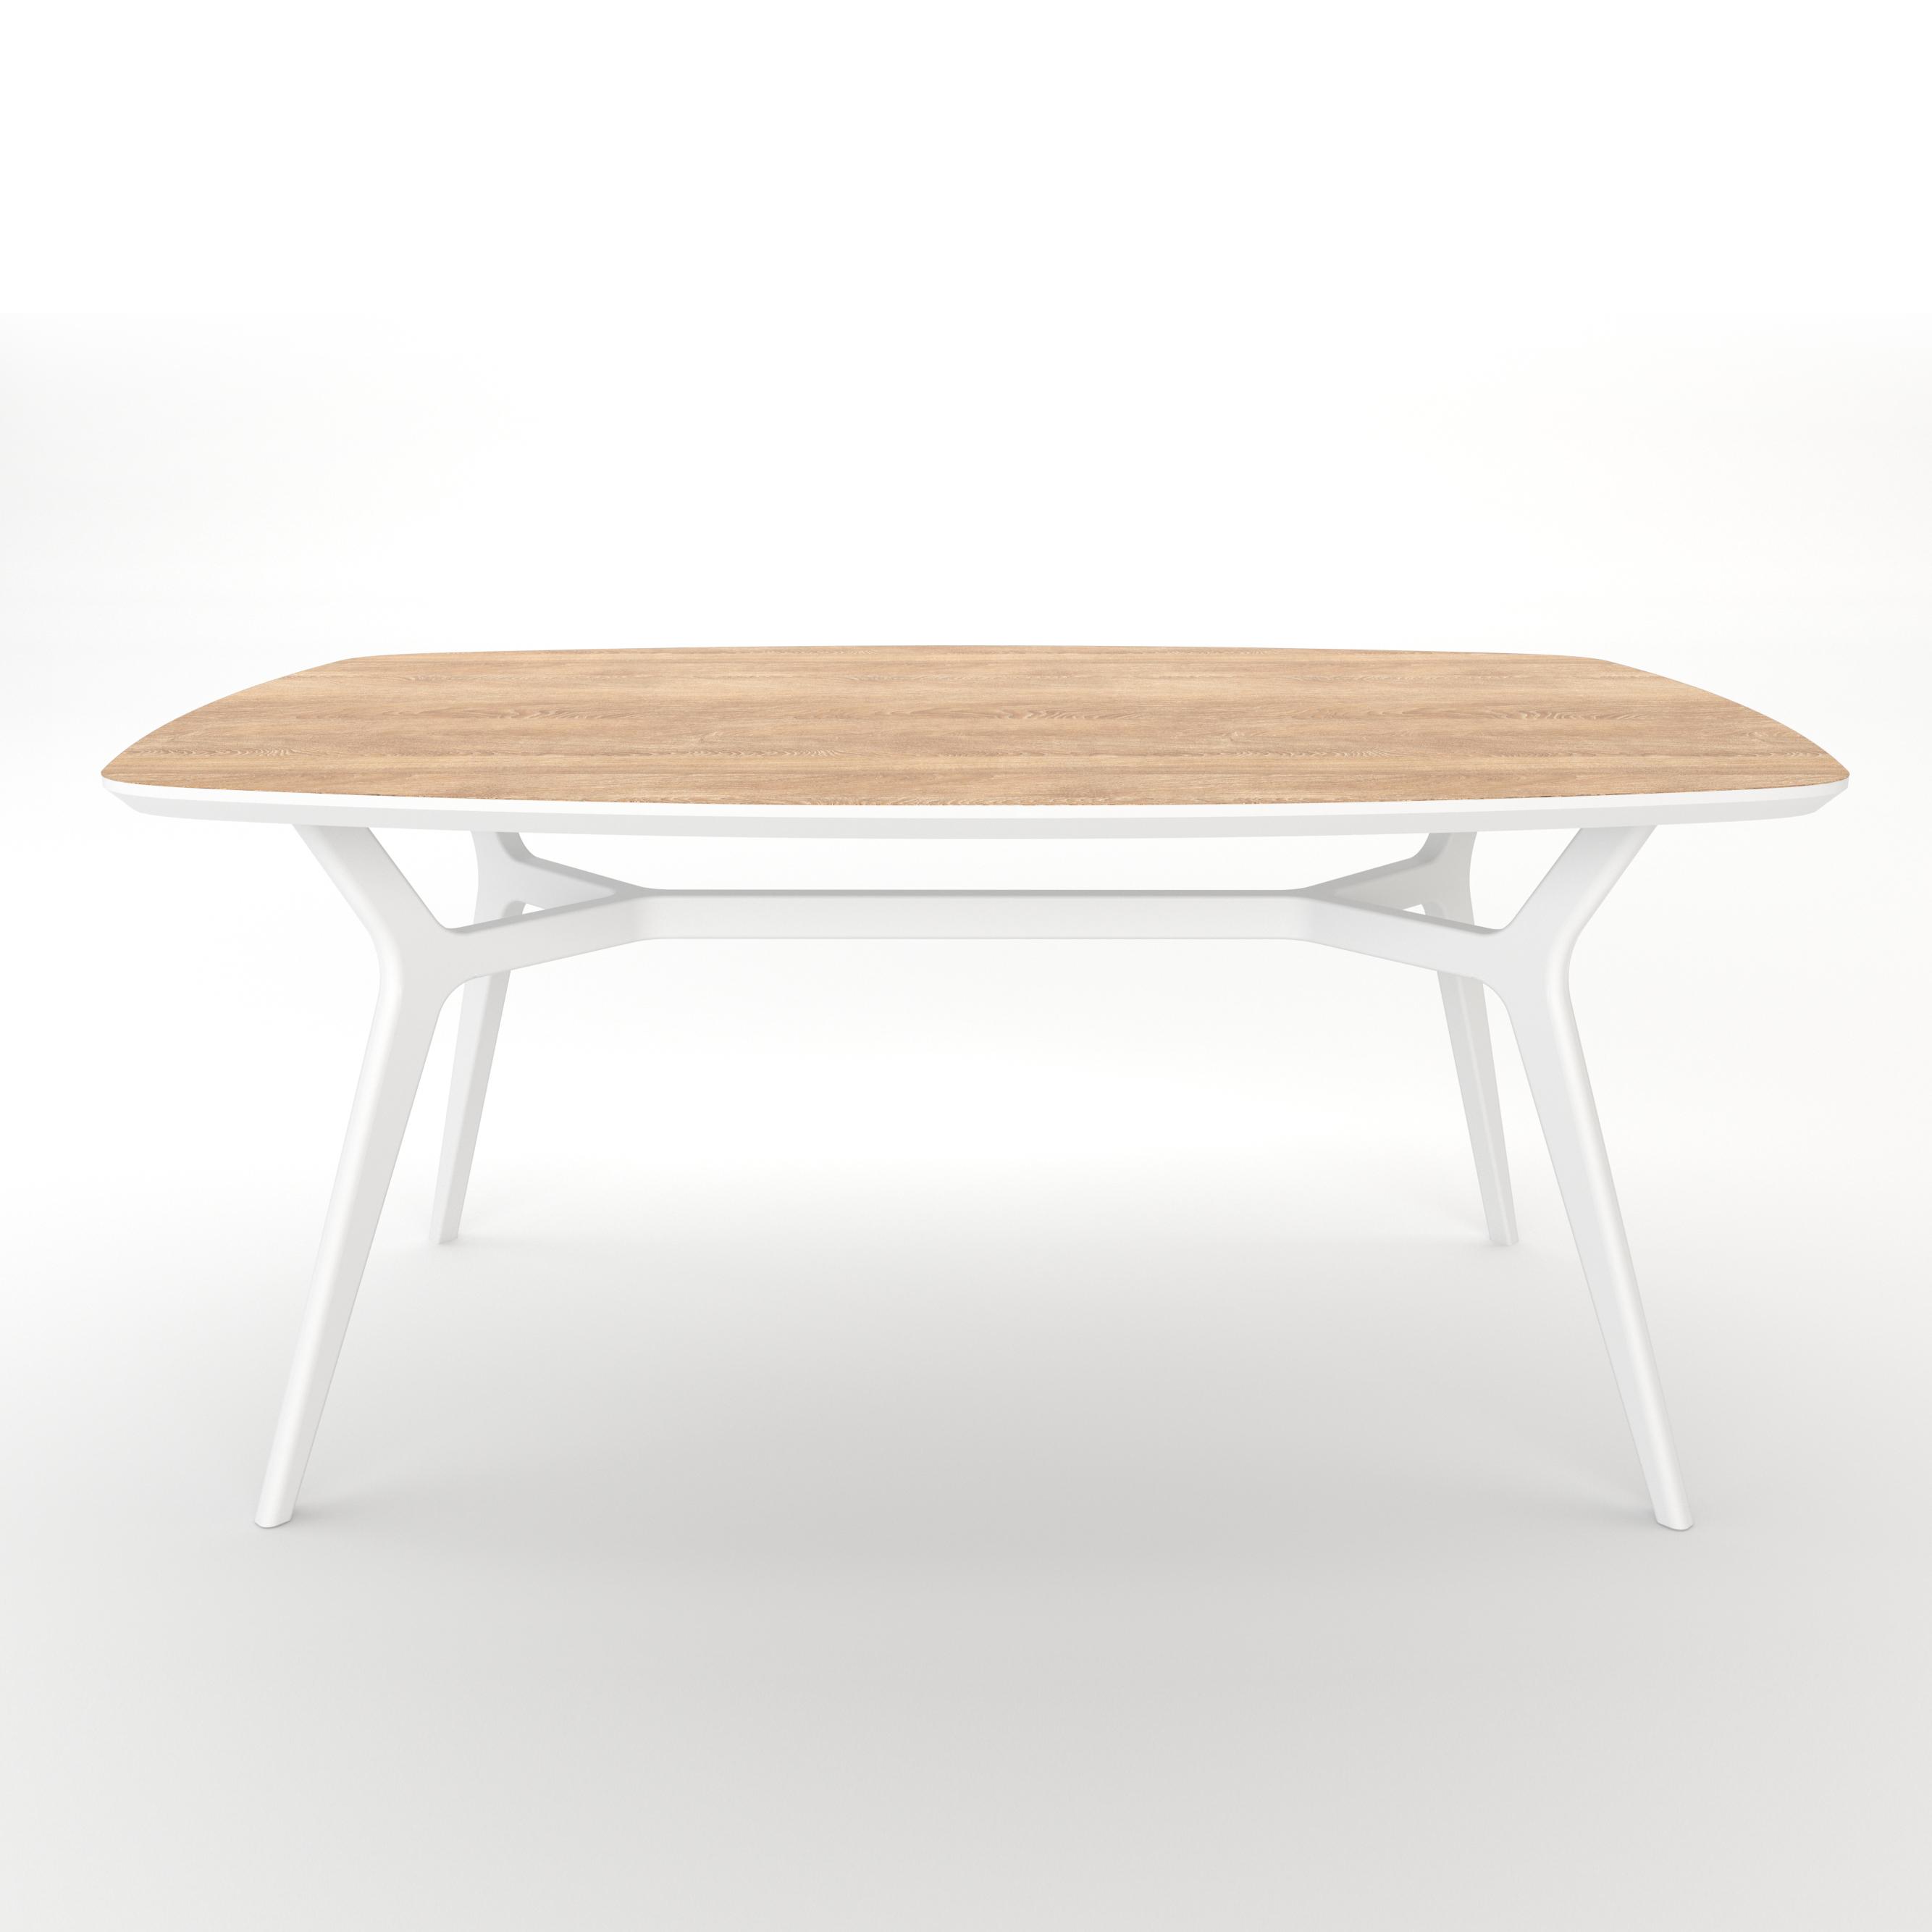 Стол JohannОбеденные столы<br>Тщательная проработка деталей и пропорций стола позволяет ему идеально вписаться в любой интерьер.&amp;lt;div&amp;gt;&amp;lt;br&amp;gt;&amp;lt;/div&amp;gt;&amp;lt;div&amp;gt;Отделка столешницы шпоном дуба, подстолье выкрашено в белый цвет. Сборка не требуется.  &amp;lt;/div&amp;gt;<br><br>Material: МДФ<br>Ширина см: 180<br>Высота см: 75<br>Глубина см: 90